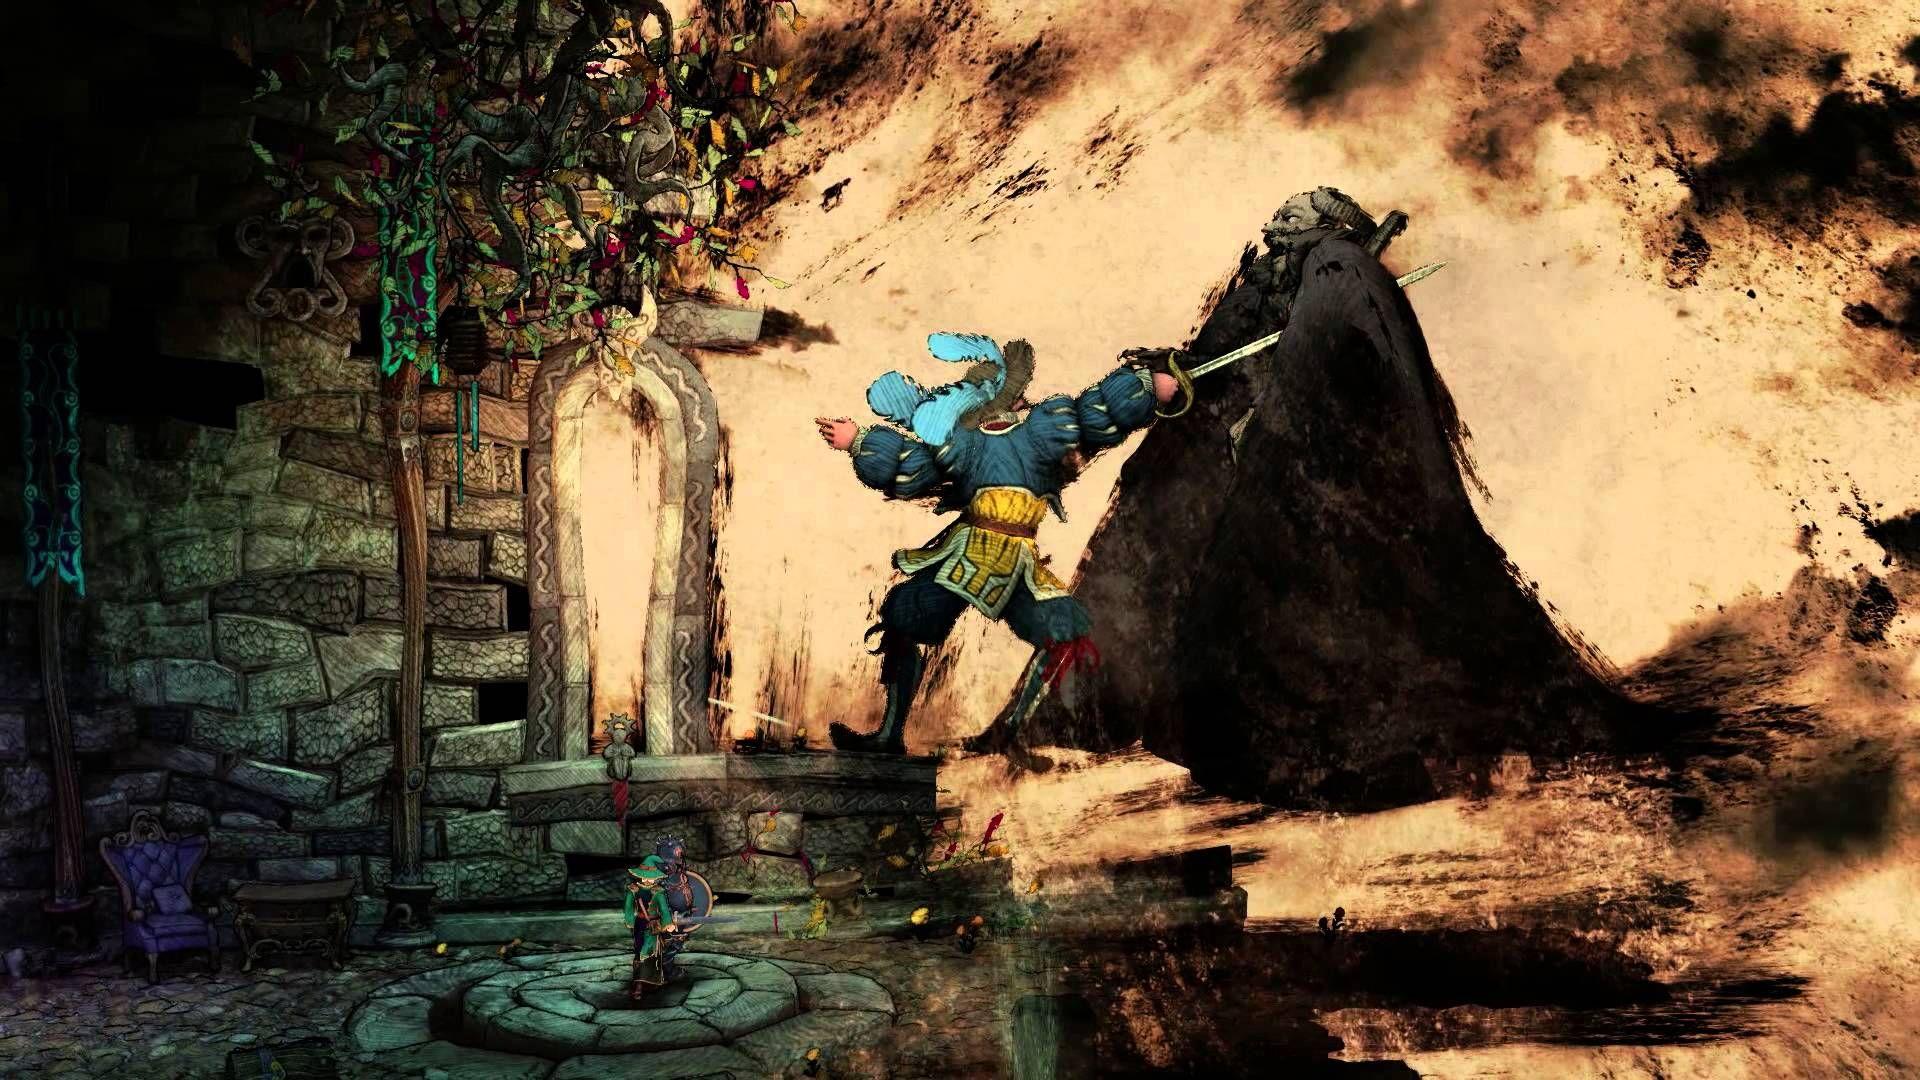 Trine 3 The Artifacts of Power Gameplay Trailer 2 Játékok